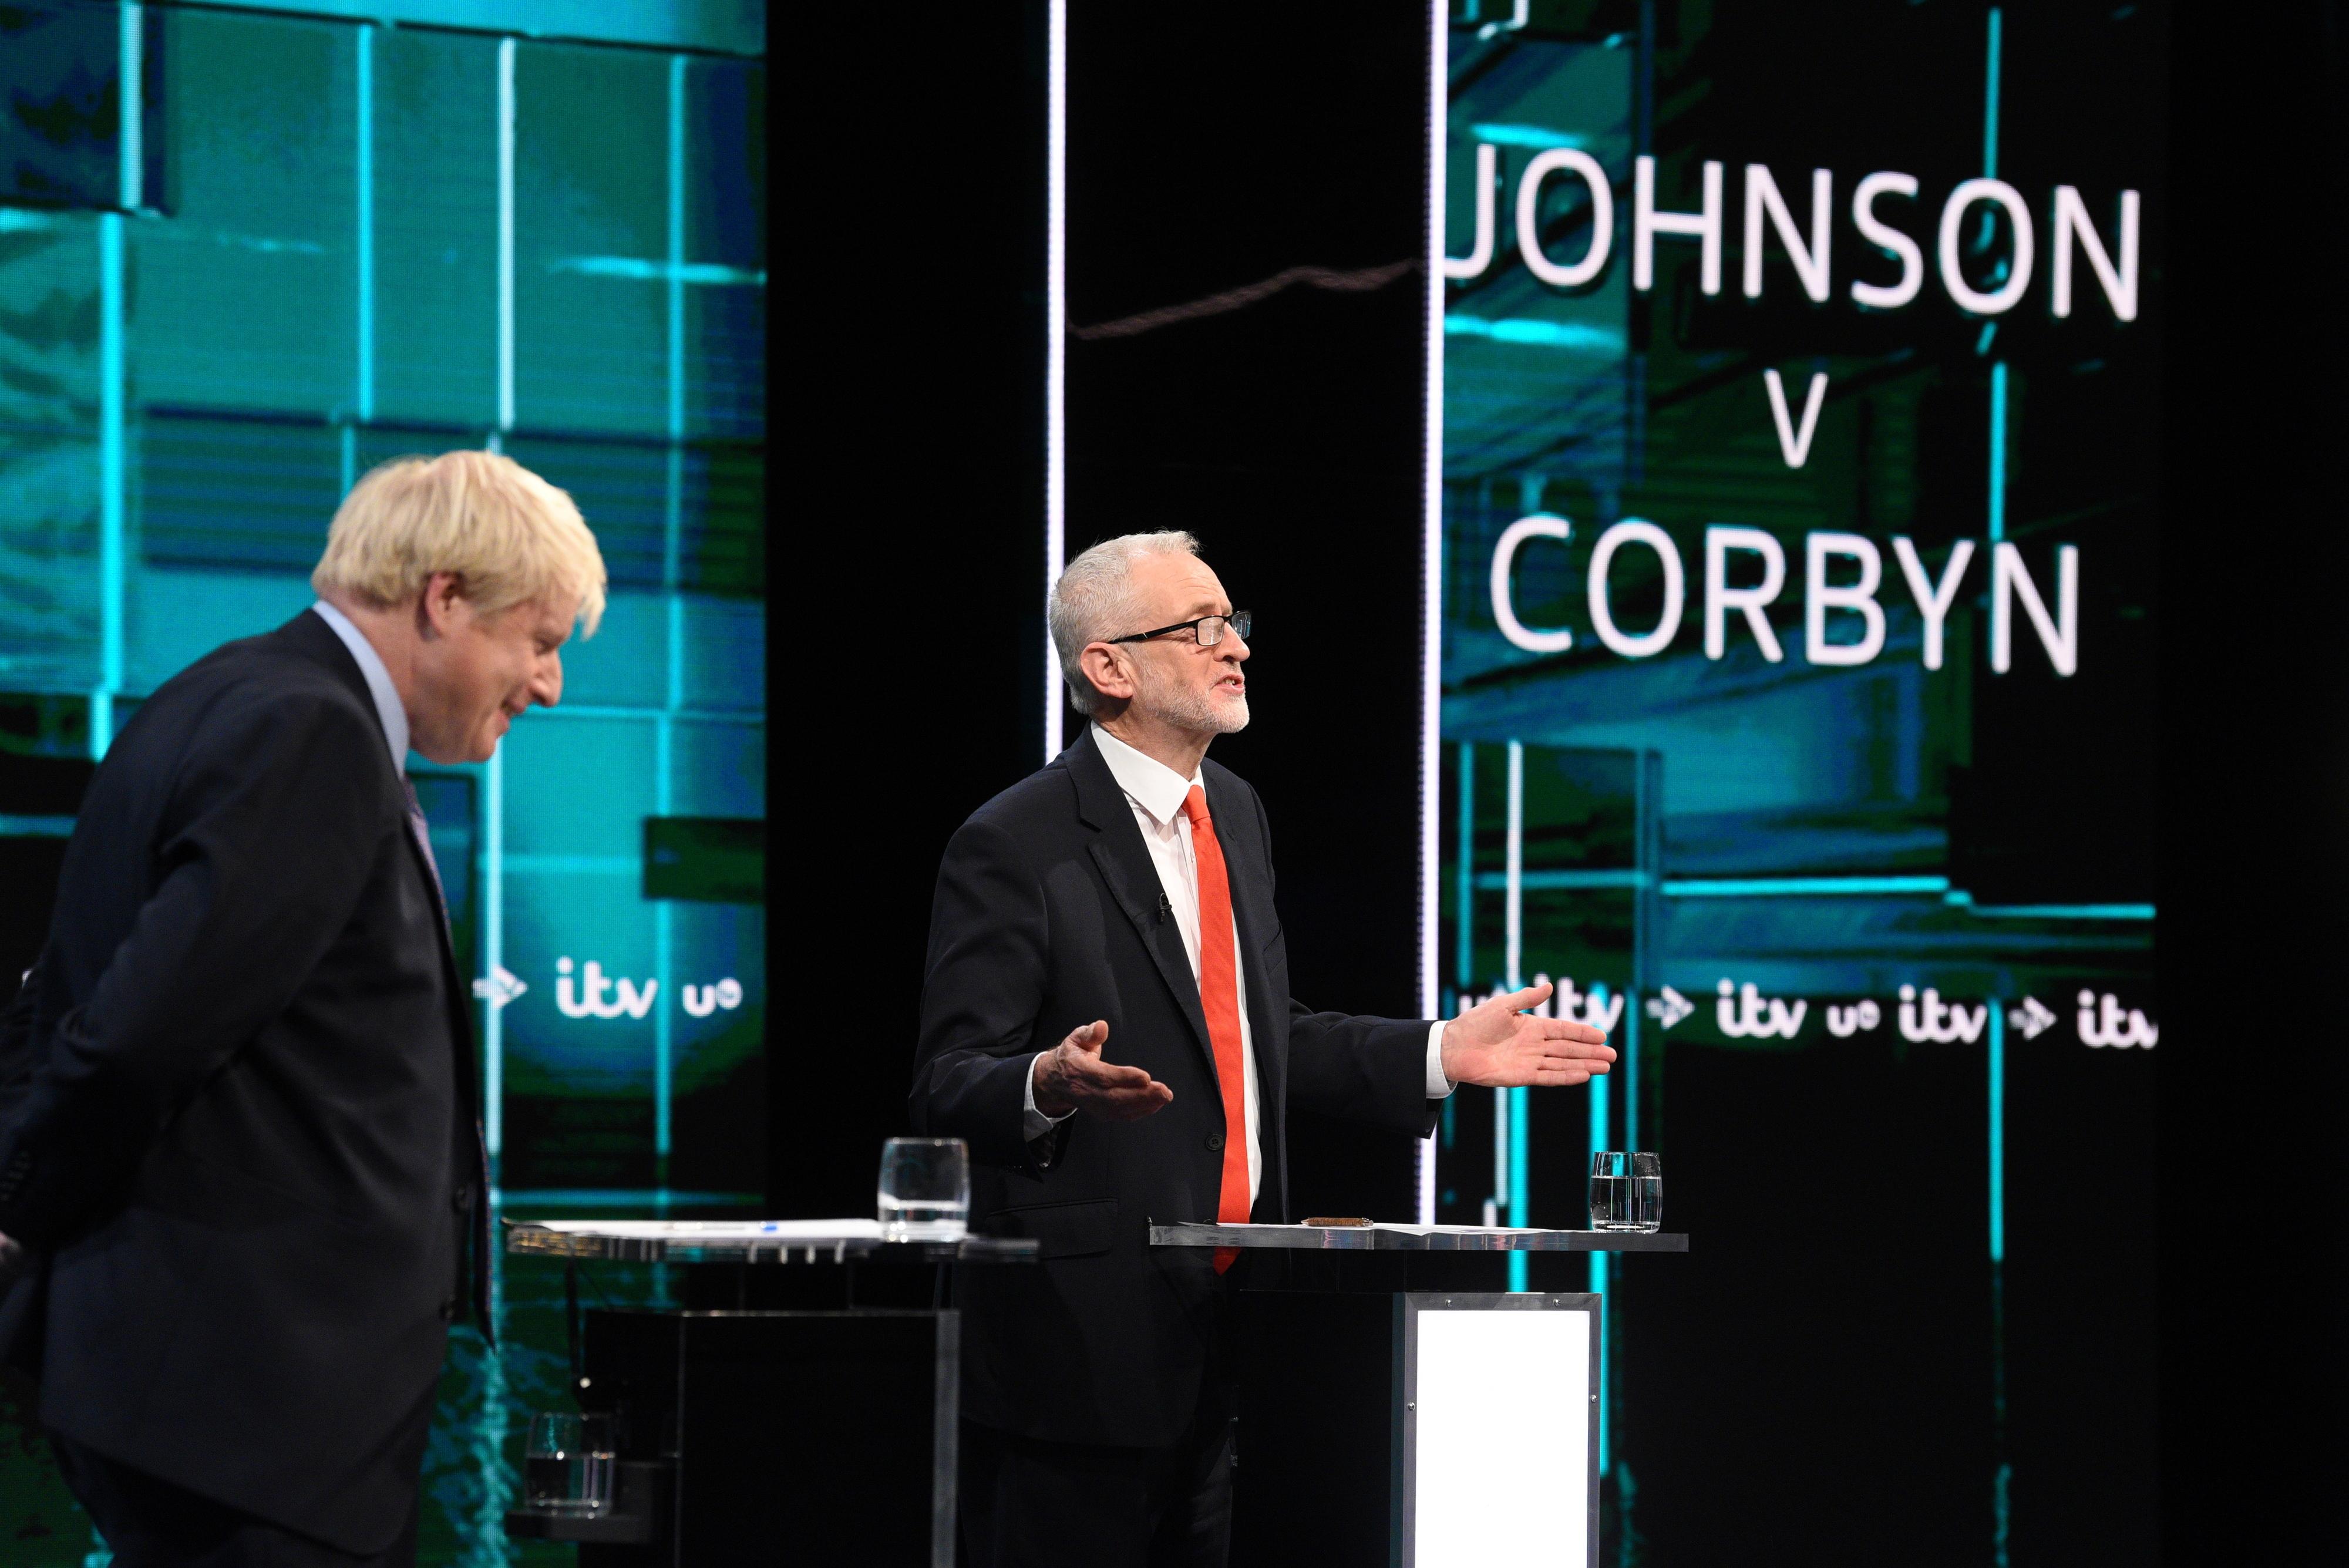 Reino Unido. Corbyn sem resposta sobre se faz campanha pelo 'Brexit' num segundo referendo